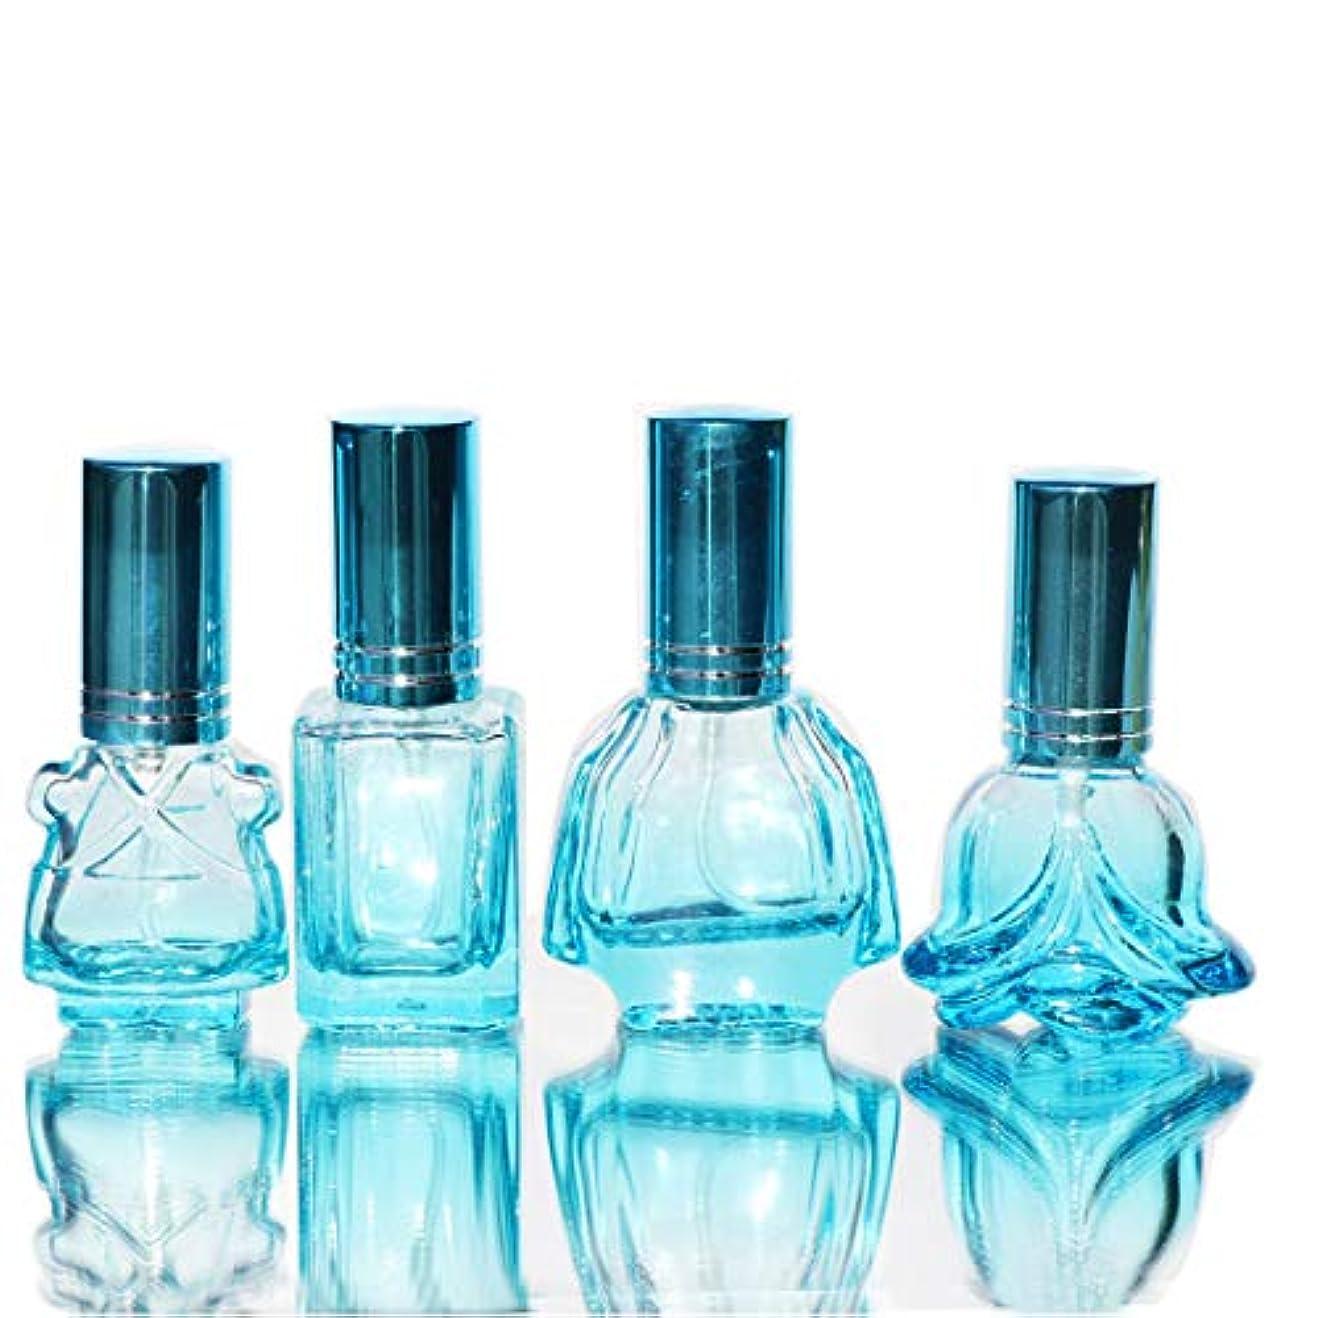 申し立てる脚調べるWaltz&F カラフル ガラス製香水瓶 フレグランスボトル 詰替用瓶 空き アトマイザー 分け瓶 旅行用品 化粧水用瓶